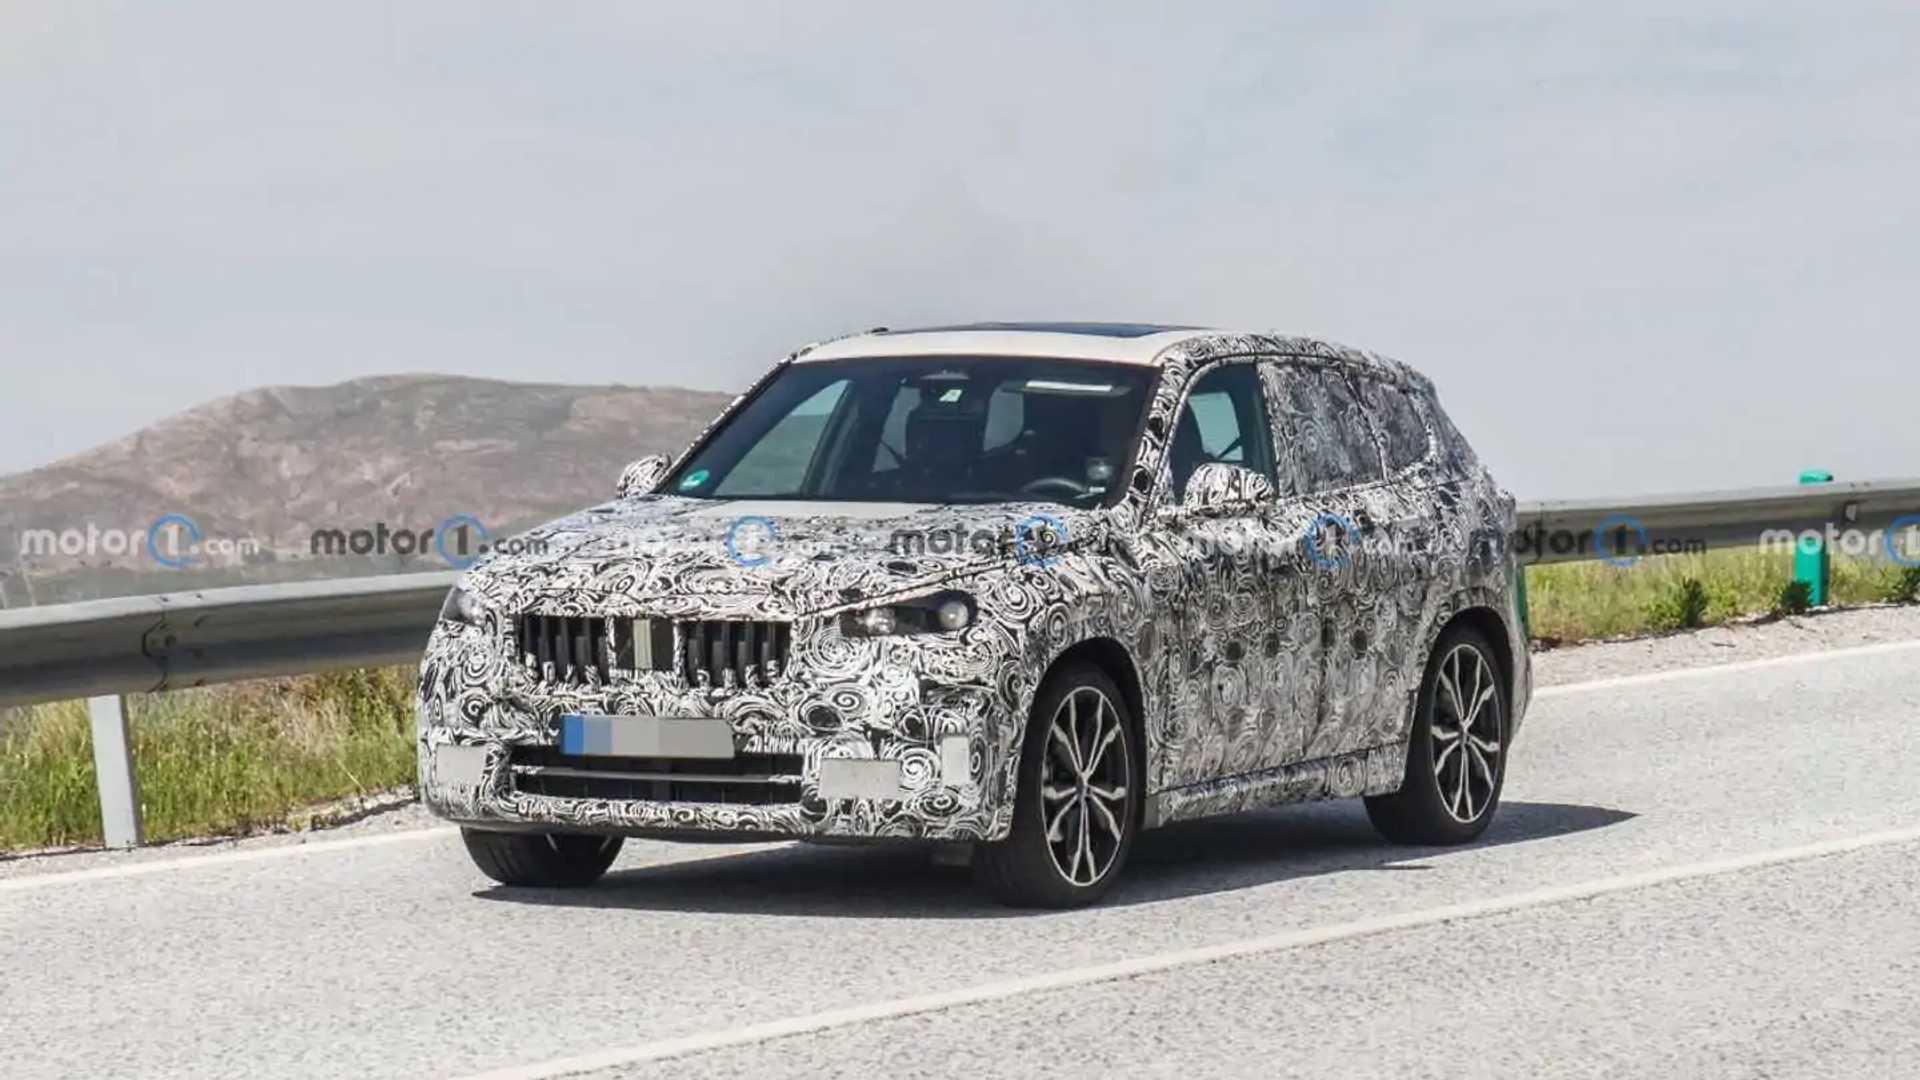 2022 BMW X1 new spy photo (front three-quarters)